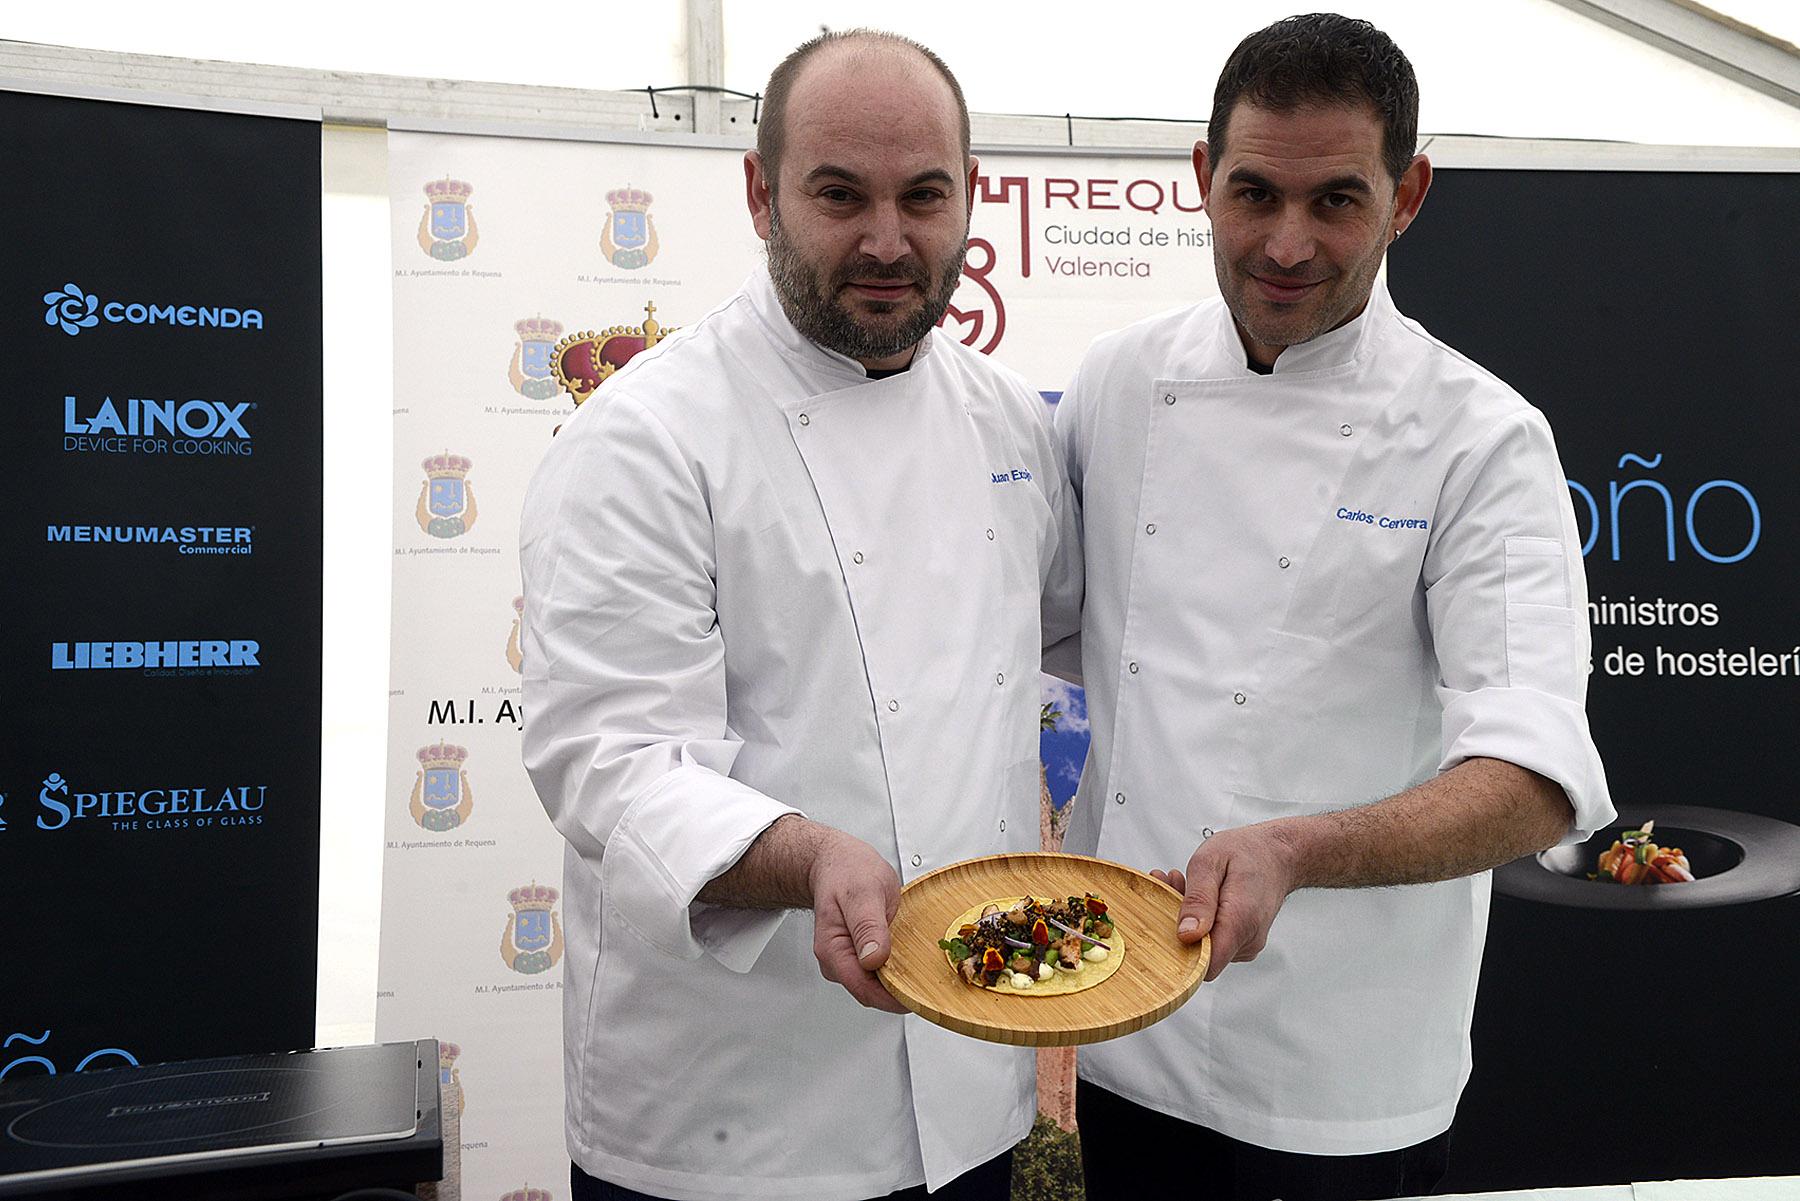 El embutido de Requena se consagra en las manos de chefs valencianos de vanguardia